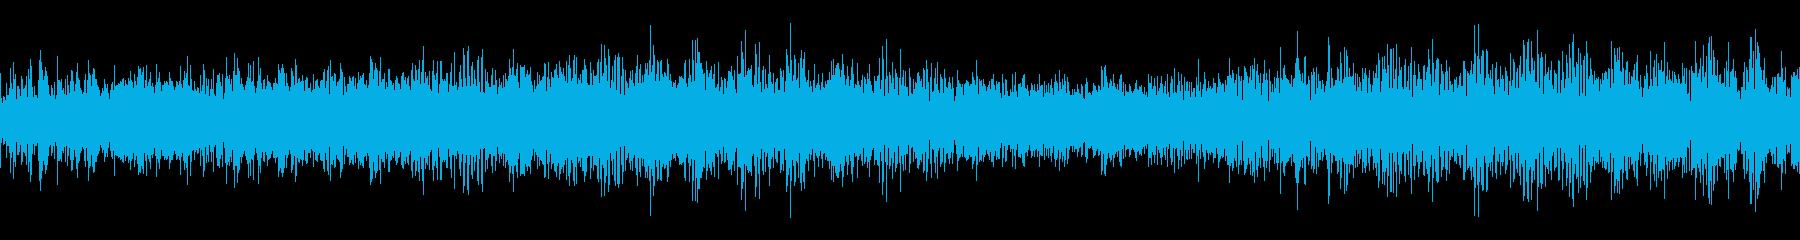 予感 不安 ミステリー 劇伴(ループ)の再生済みの波形